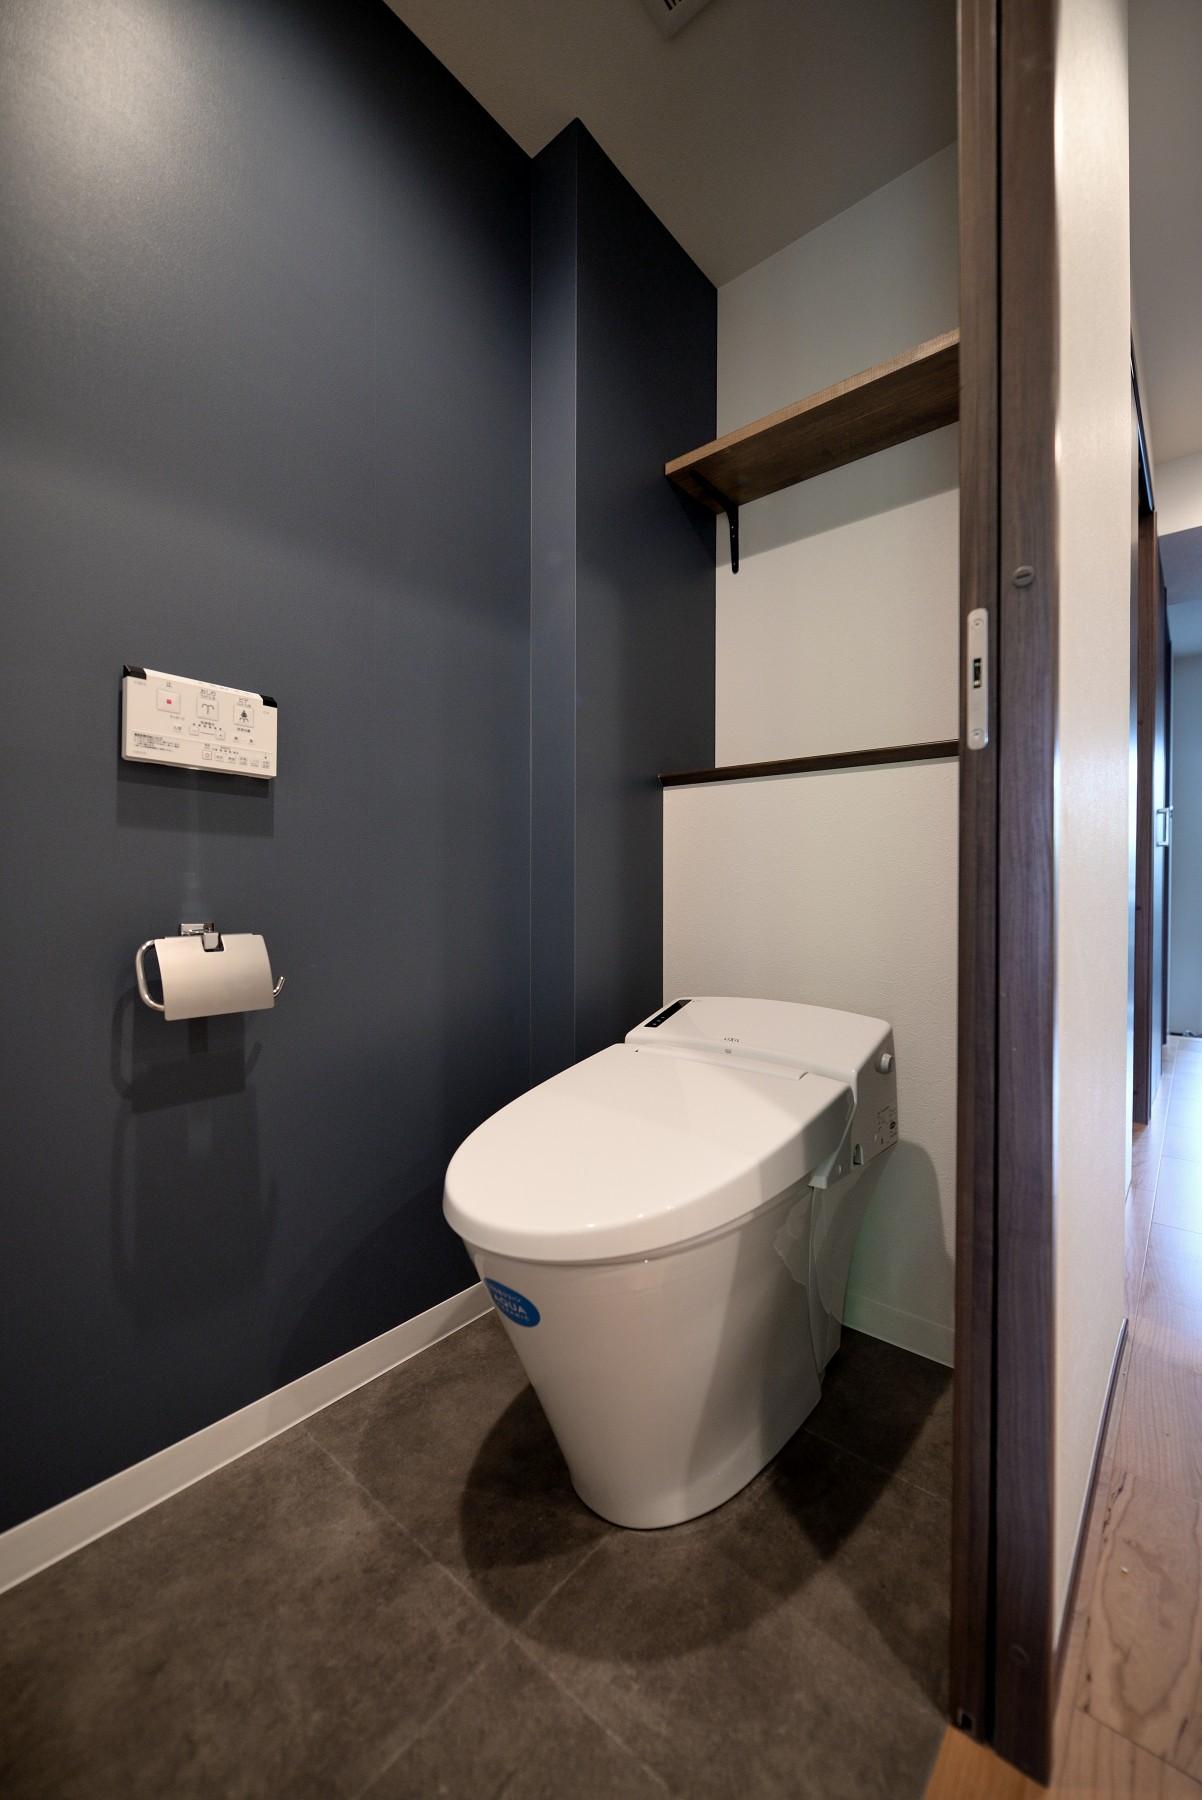 バス/トイレ事例:トイレ(壁・天井もキッチンカウンターもモルタル仕上げの無骨でラフなマンションリノベーション)